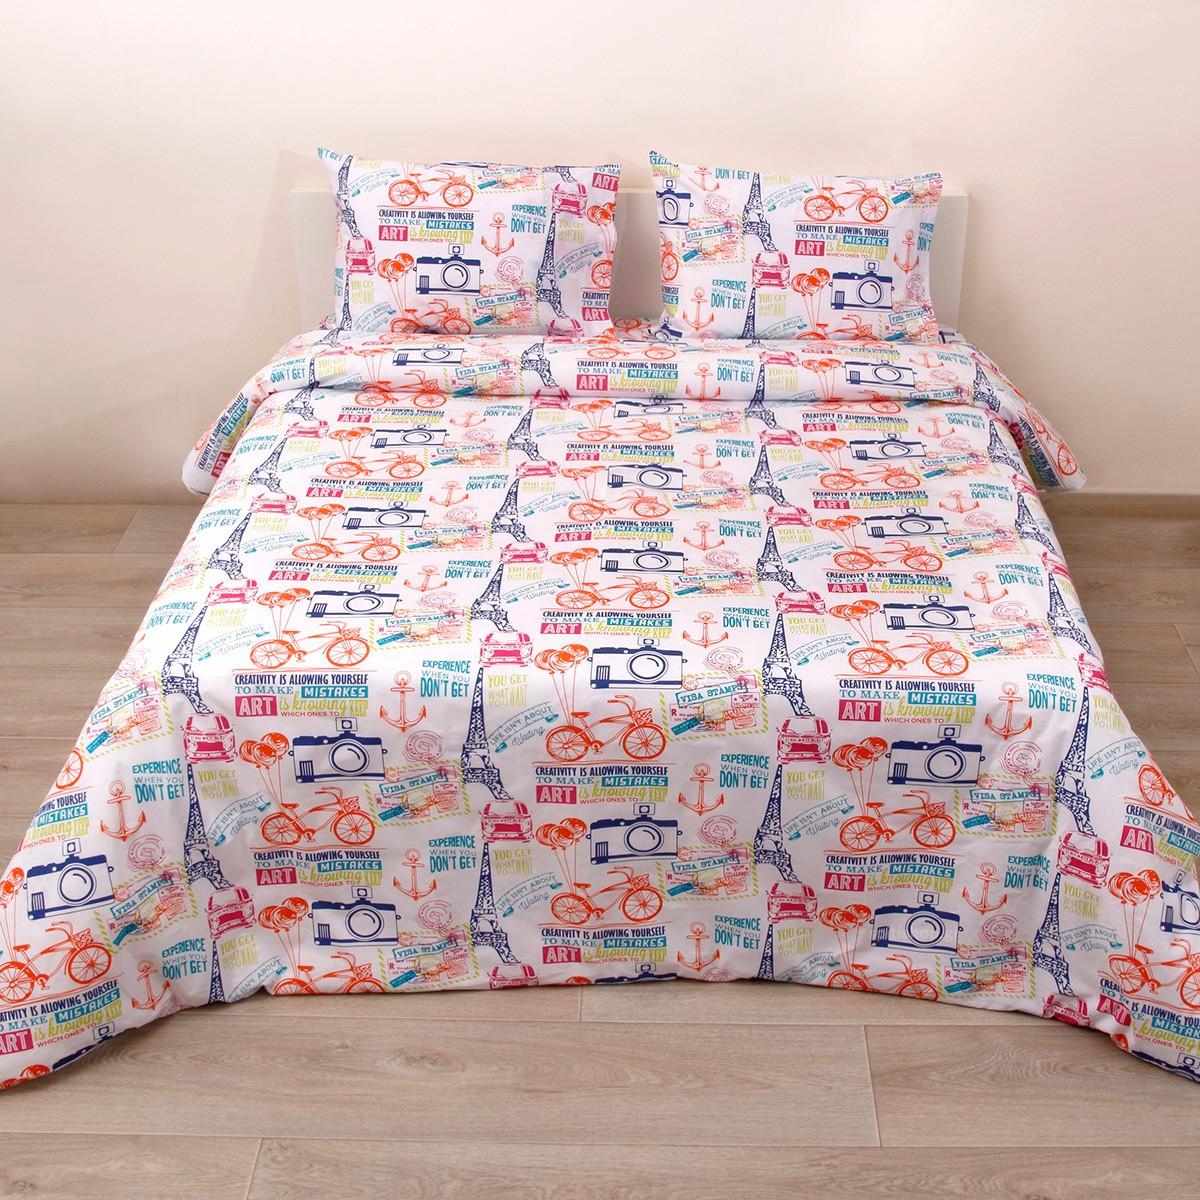 Πάπλωμα Ημίδιπλο (Σετ) Viopros Fresh Πάρκερ home   κρεβατοκάμαρα   παπλώματα   παπλώματα ημίδιπλα   διπλά